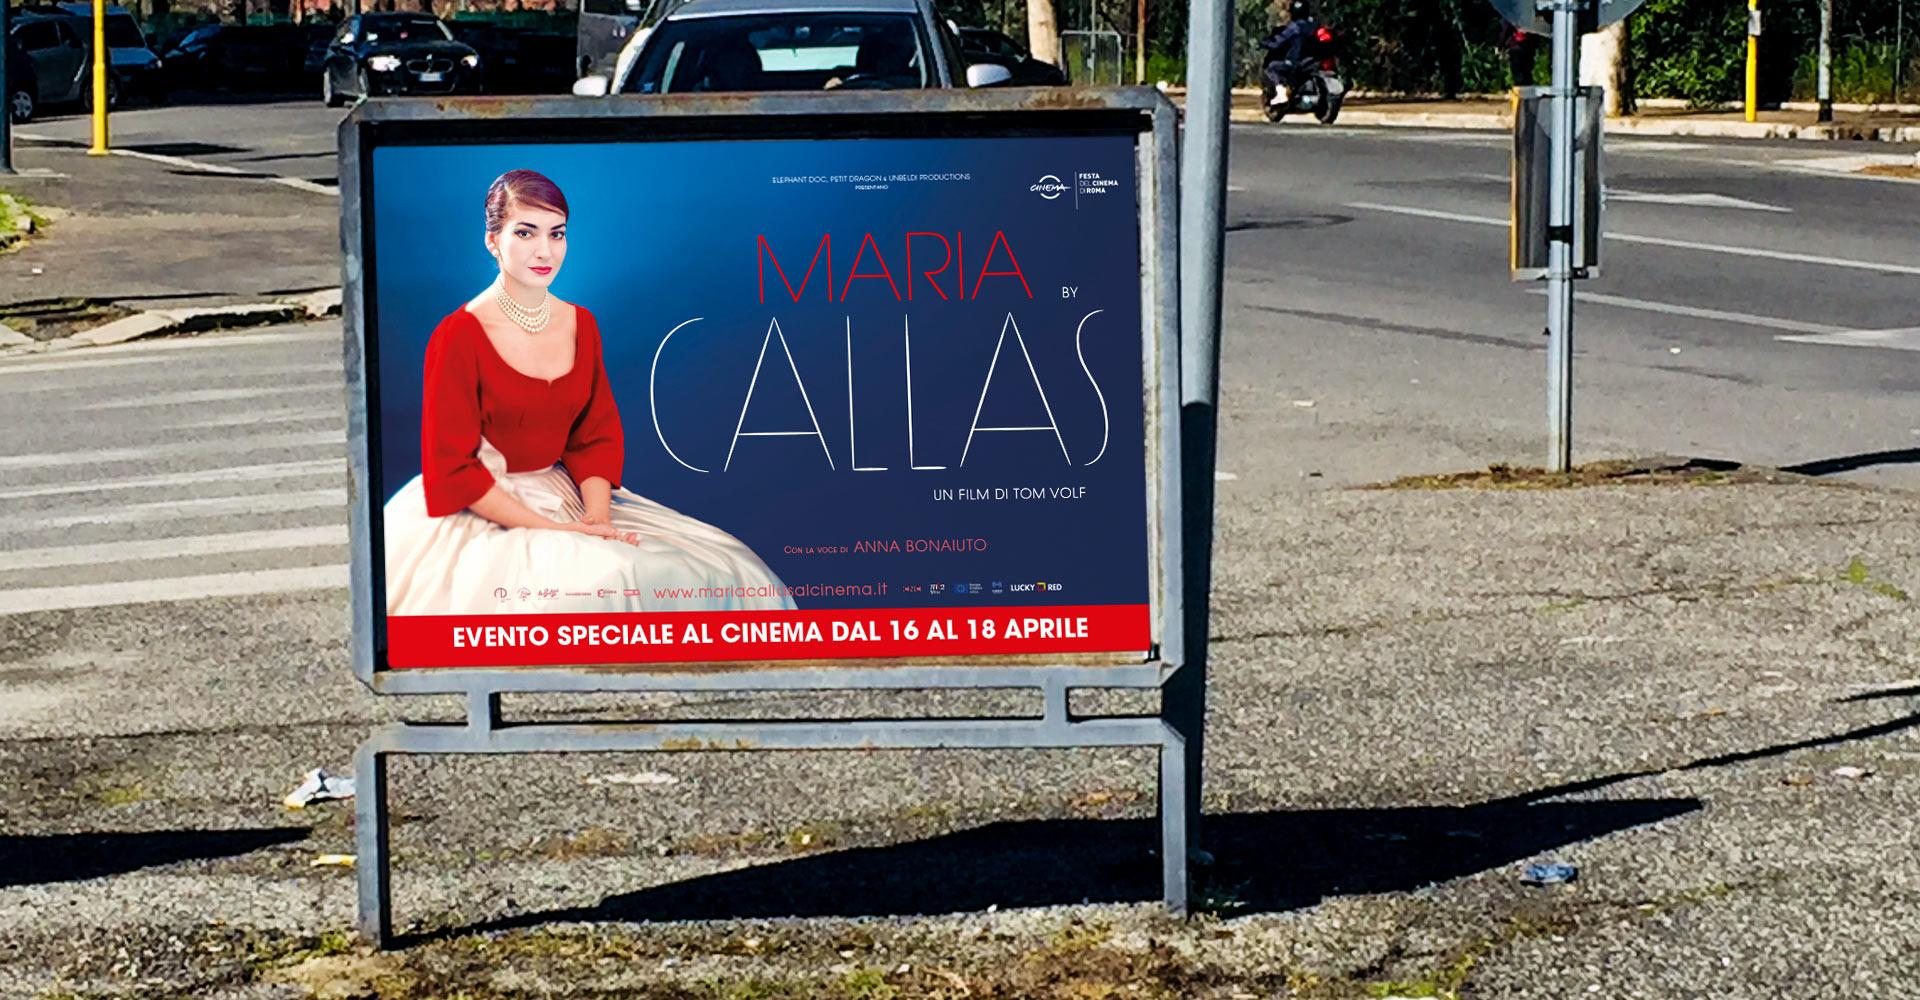 Callas_Behance_04